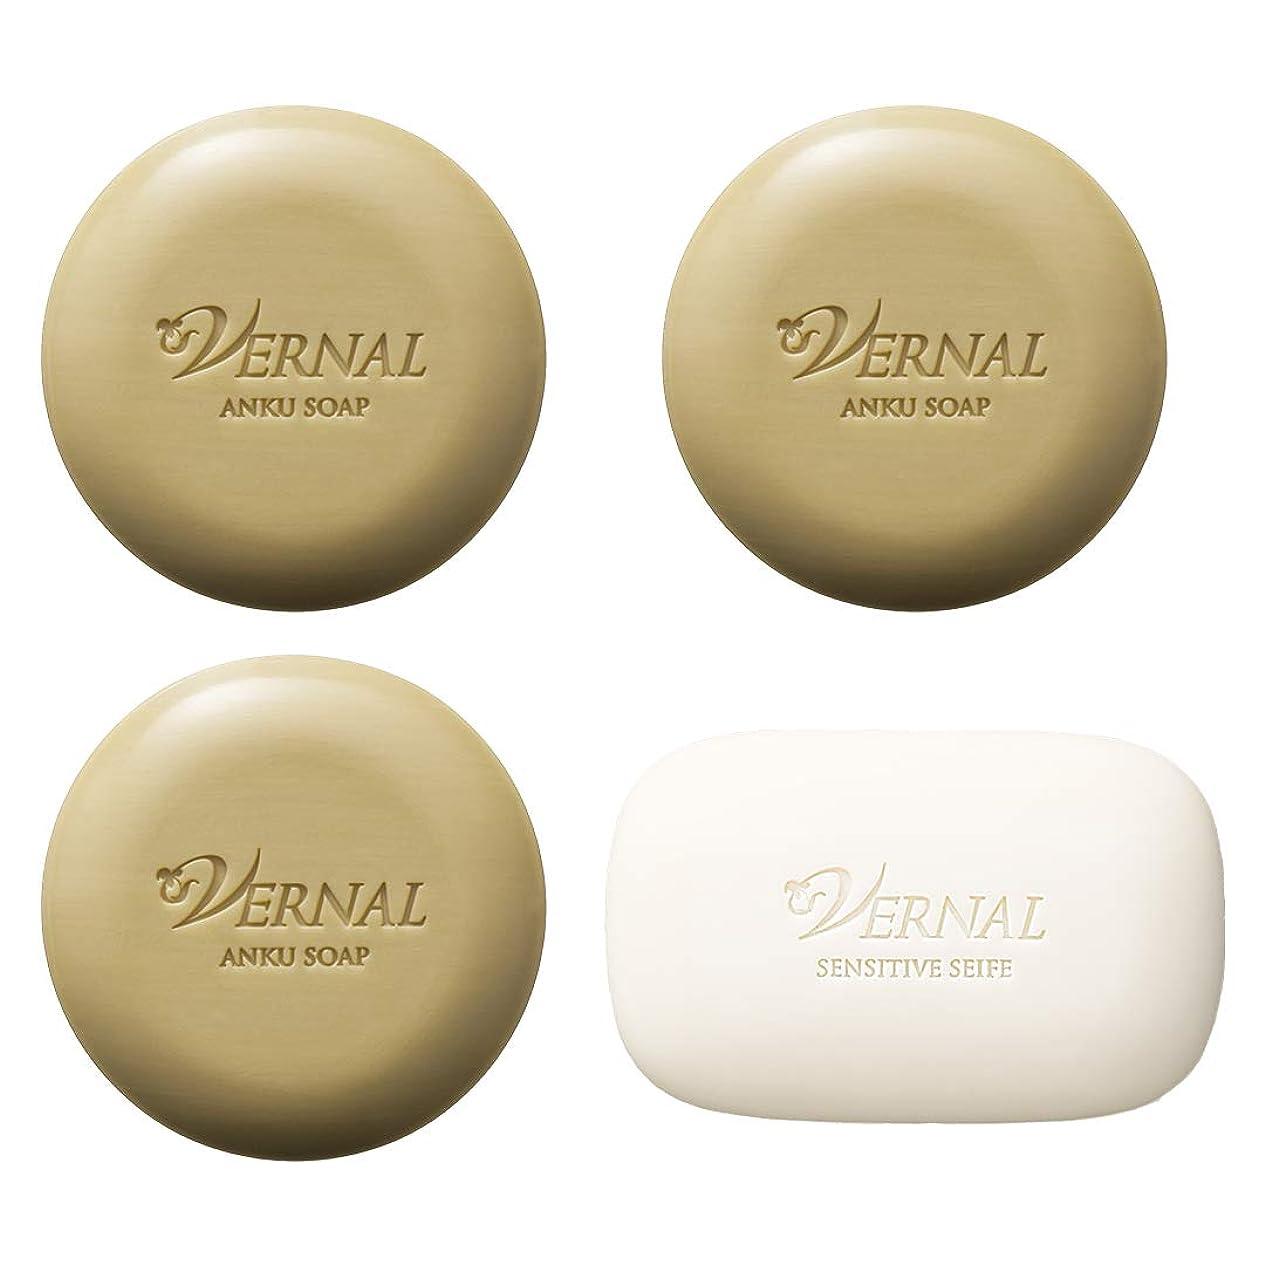 有効化ベーコンテキストアンク3個ザイフ1個(ベーシックソープ各110g)/ ヴァーナル 洗顔石鹸 お得価格